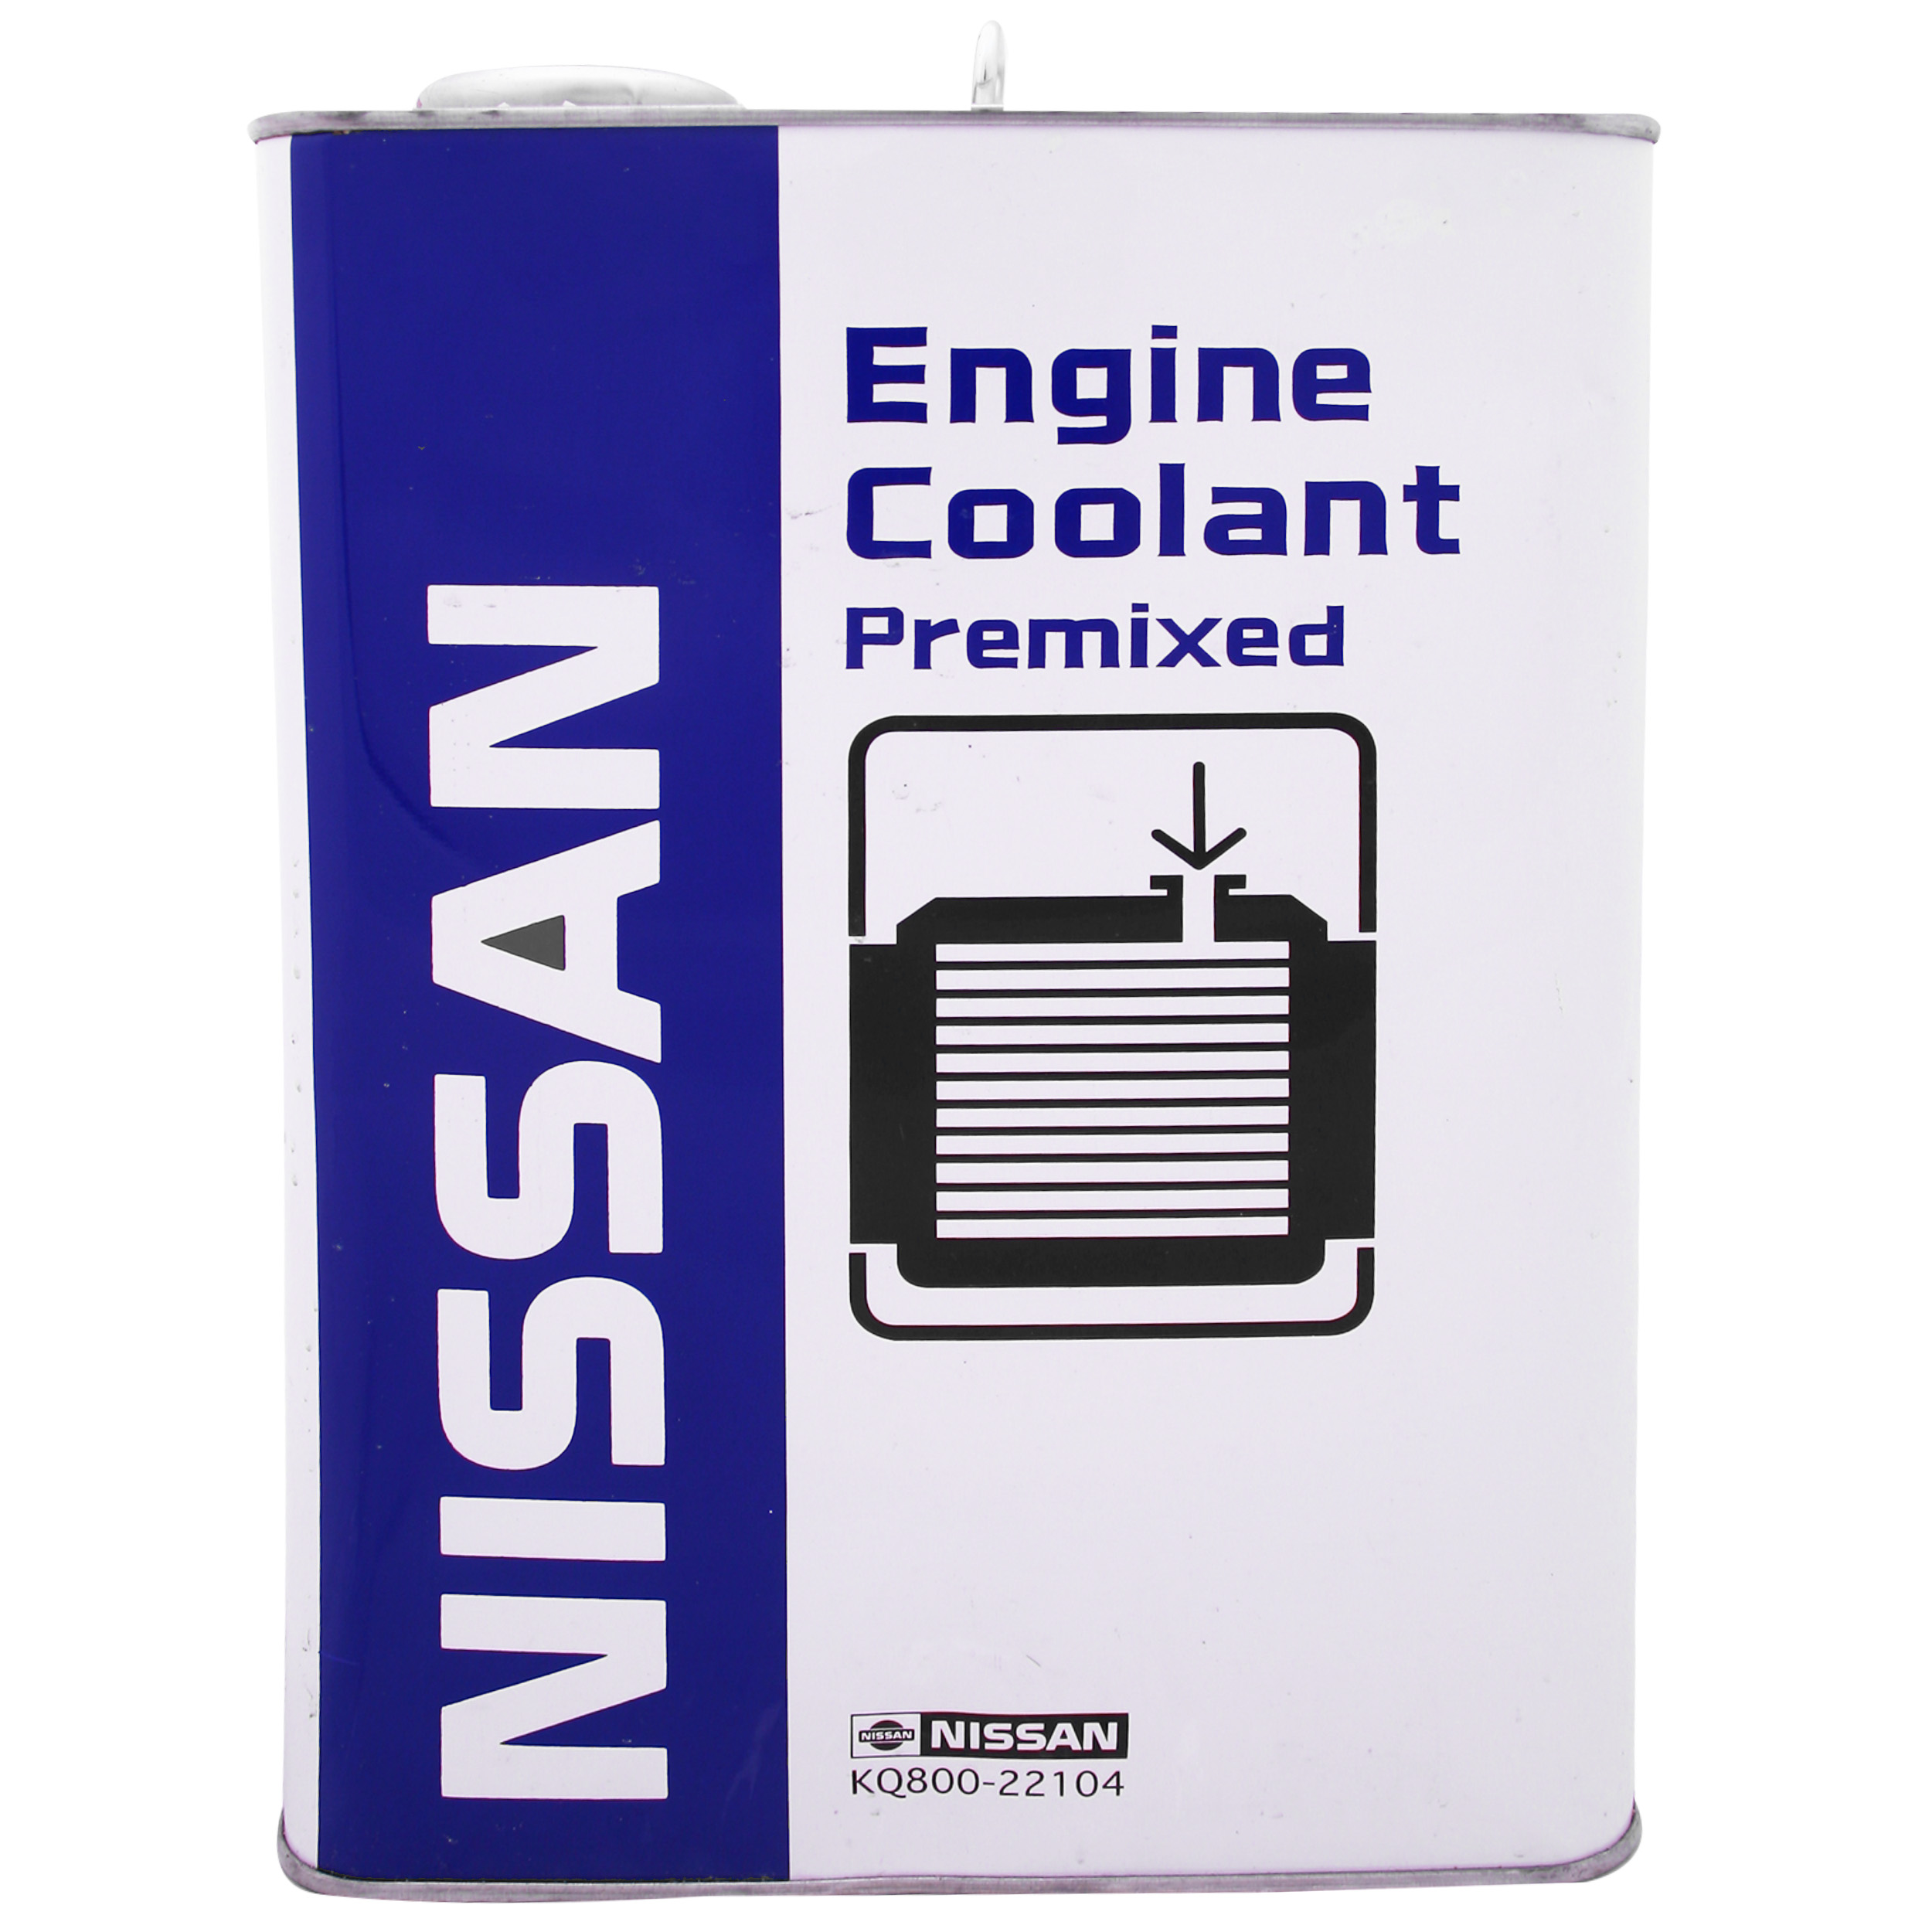 ضد یخ خودرو نیسان مدل ENGINE COOLANT PREMIXED کد 014 حجم 4000 میلی لیتر